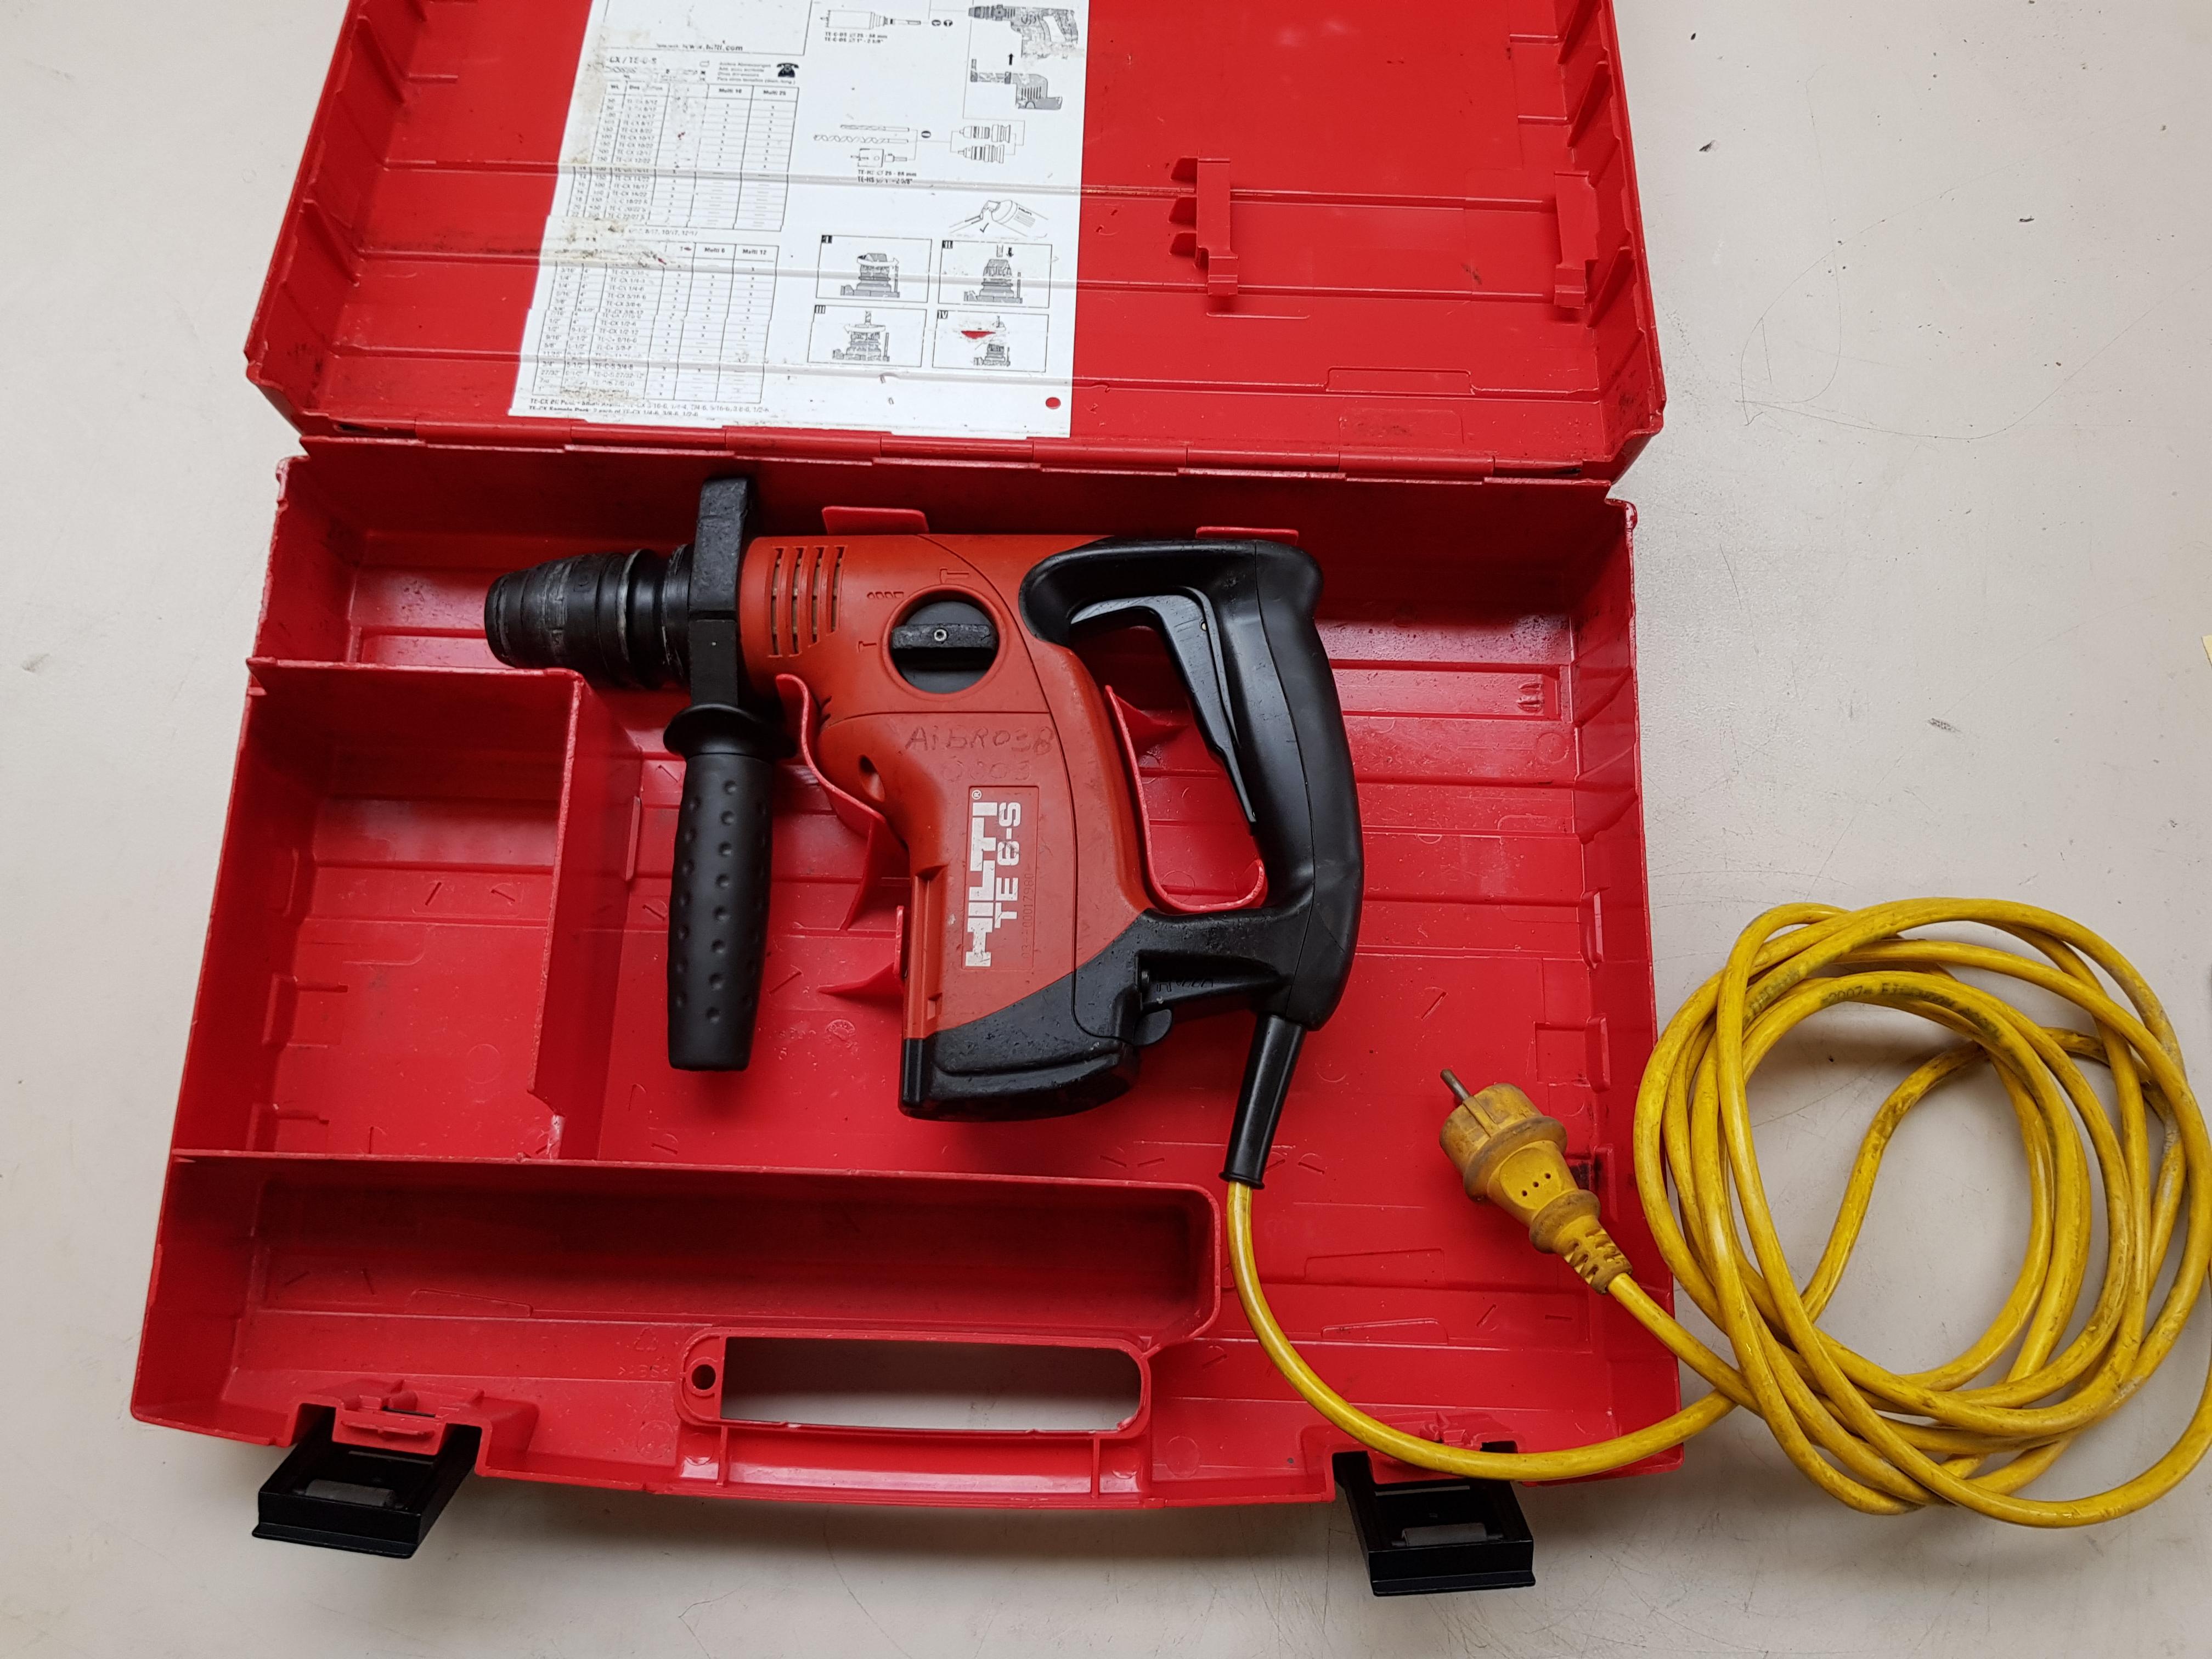 hilti te6s bohrhammer inkl. koffer - industrie-restposten-kurz